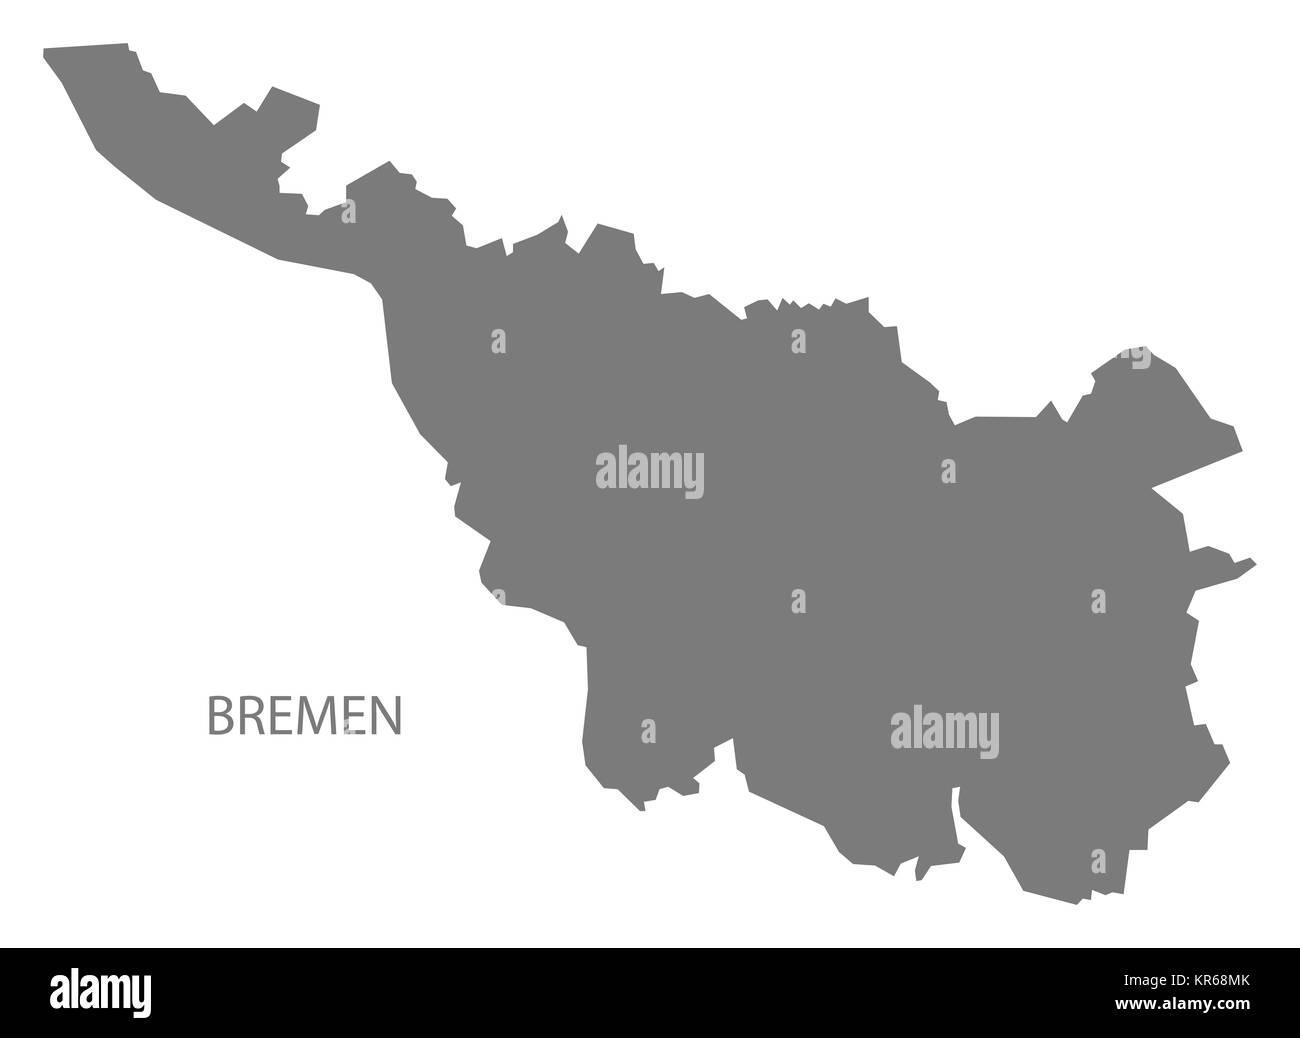 Bremen Germany Map grey Stock Photo: 169168963 - Alamy